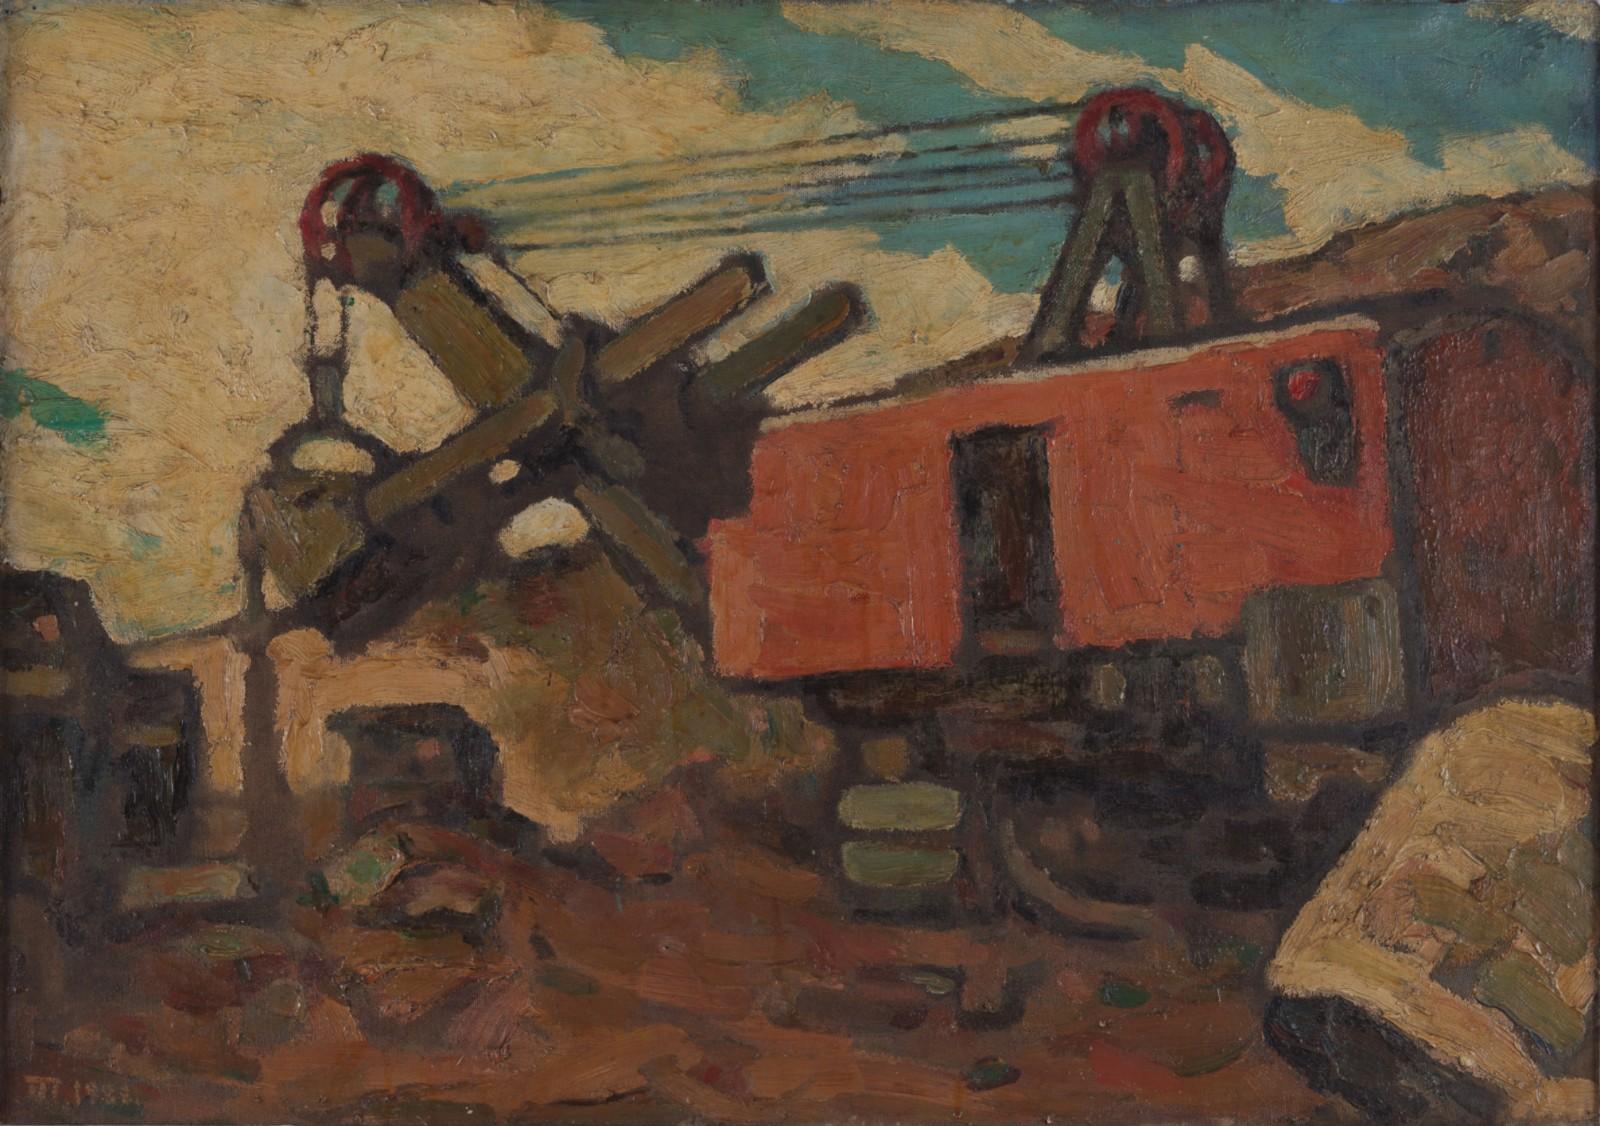 35金川镍矿,1986年,作于甘肃,布纹纸,59cm×84cm copy.jpg